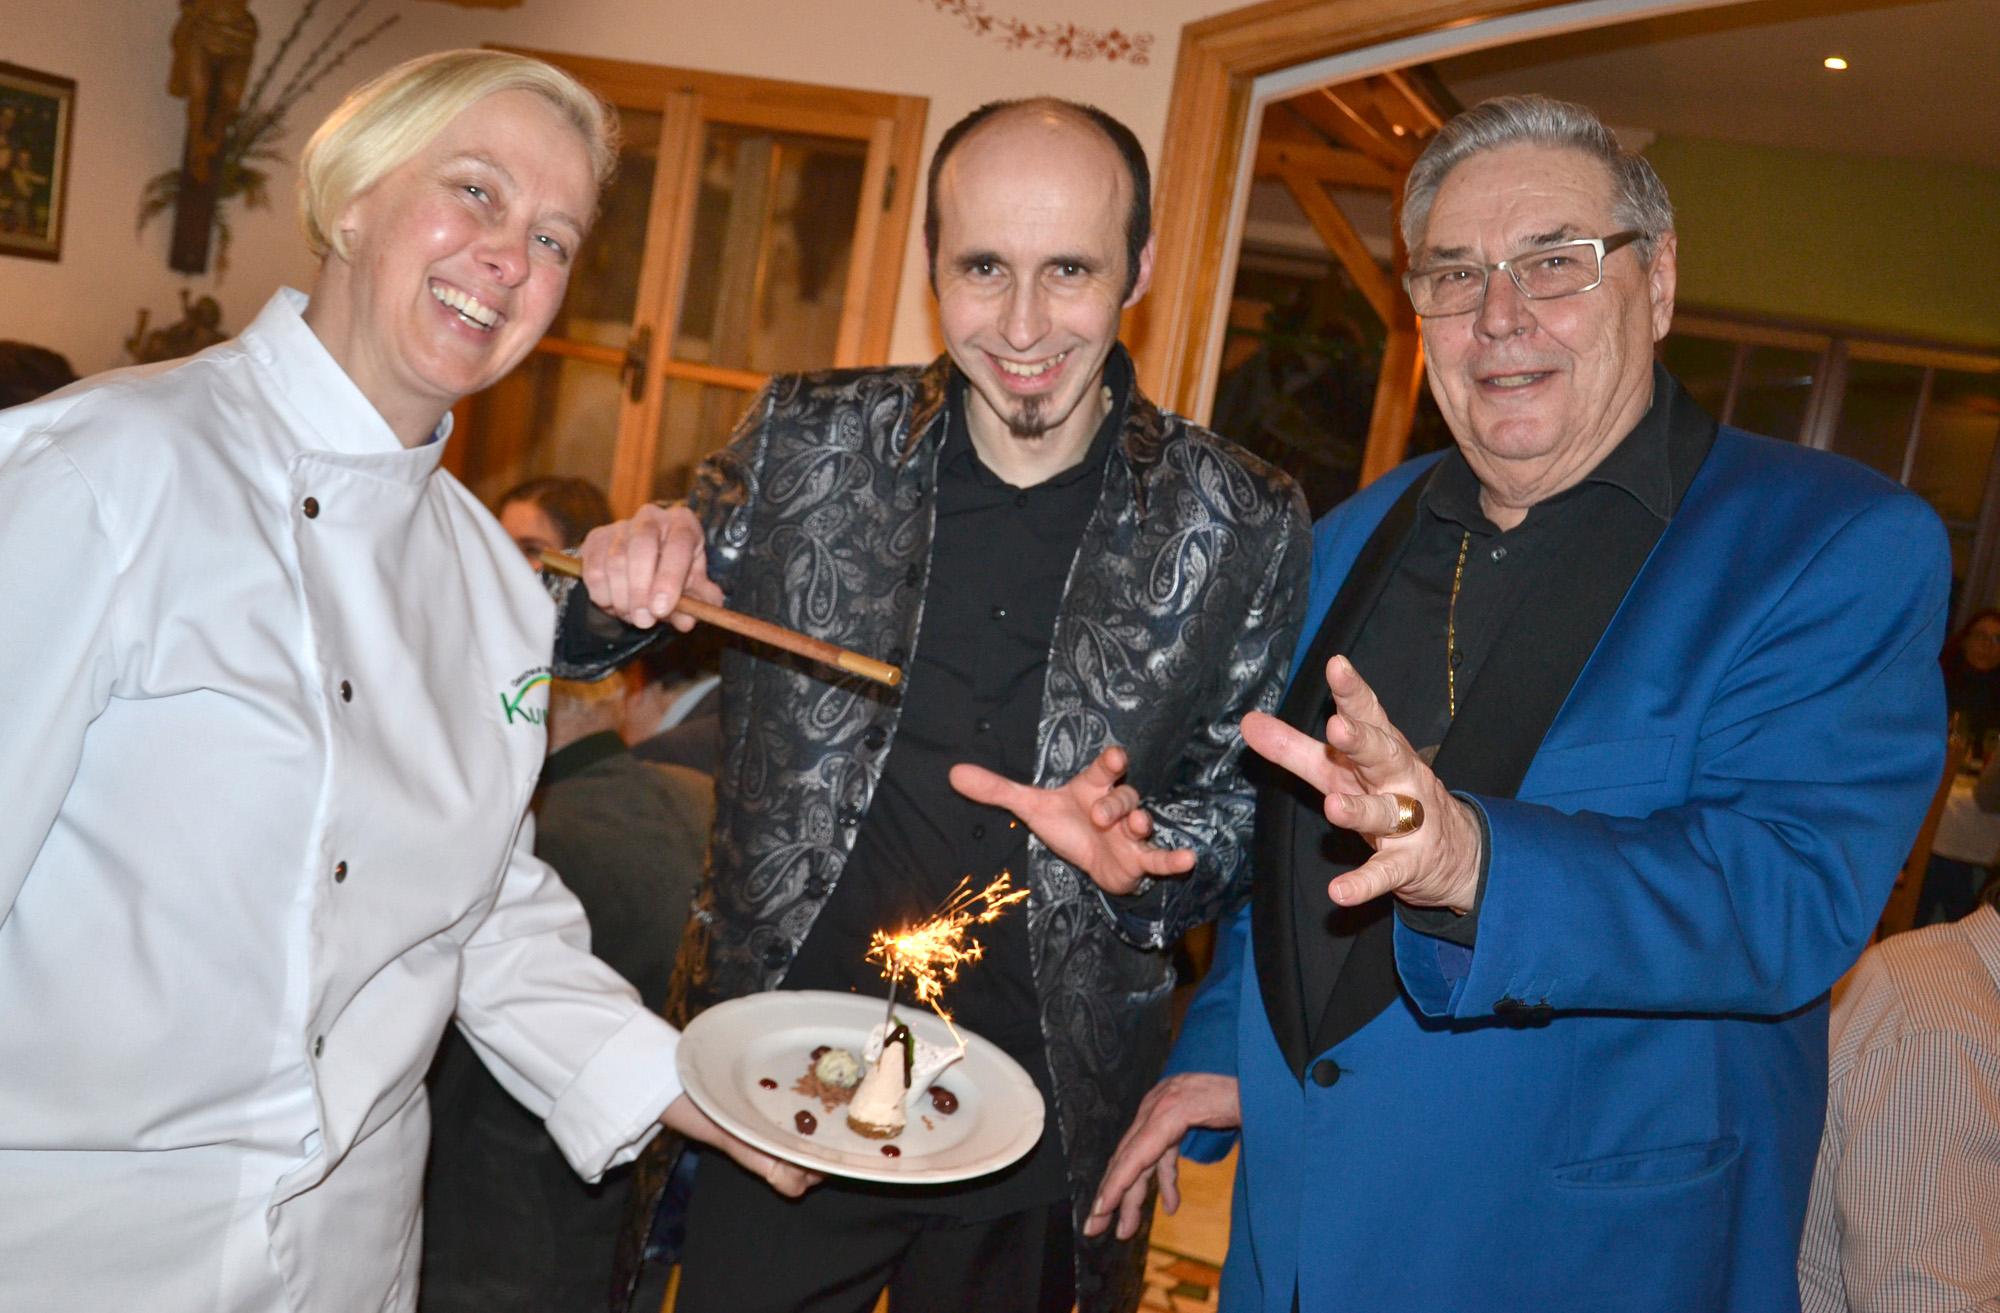 """Versprühten """"Winterzauber"""" beim Kulinarium im Gasthaus Kummer: Eisenstraße-Wirtin Renate Kummer mit den Magiern Magic Pedro und Mr. Frank Foto: eisenstrasse.info"""